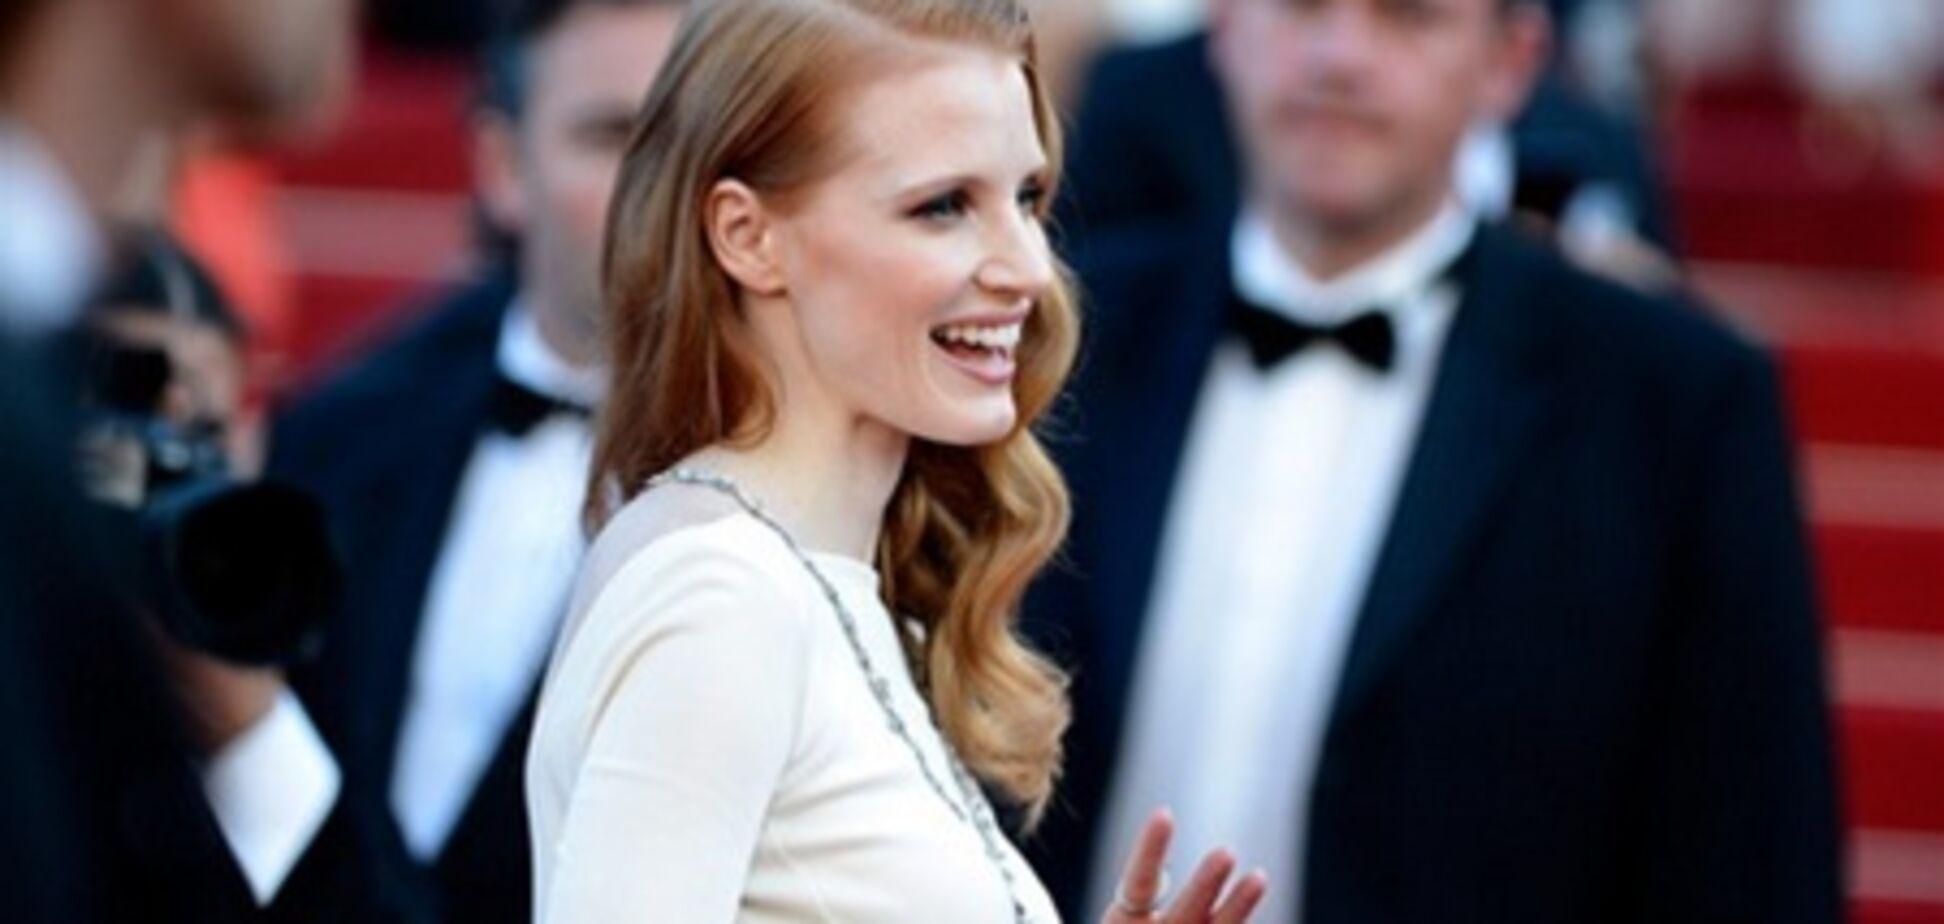 Джессика Честейн на показе 'Клеопатры' в Каннах: в очень закрытом платье